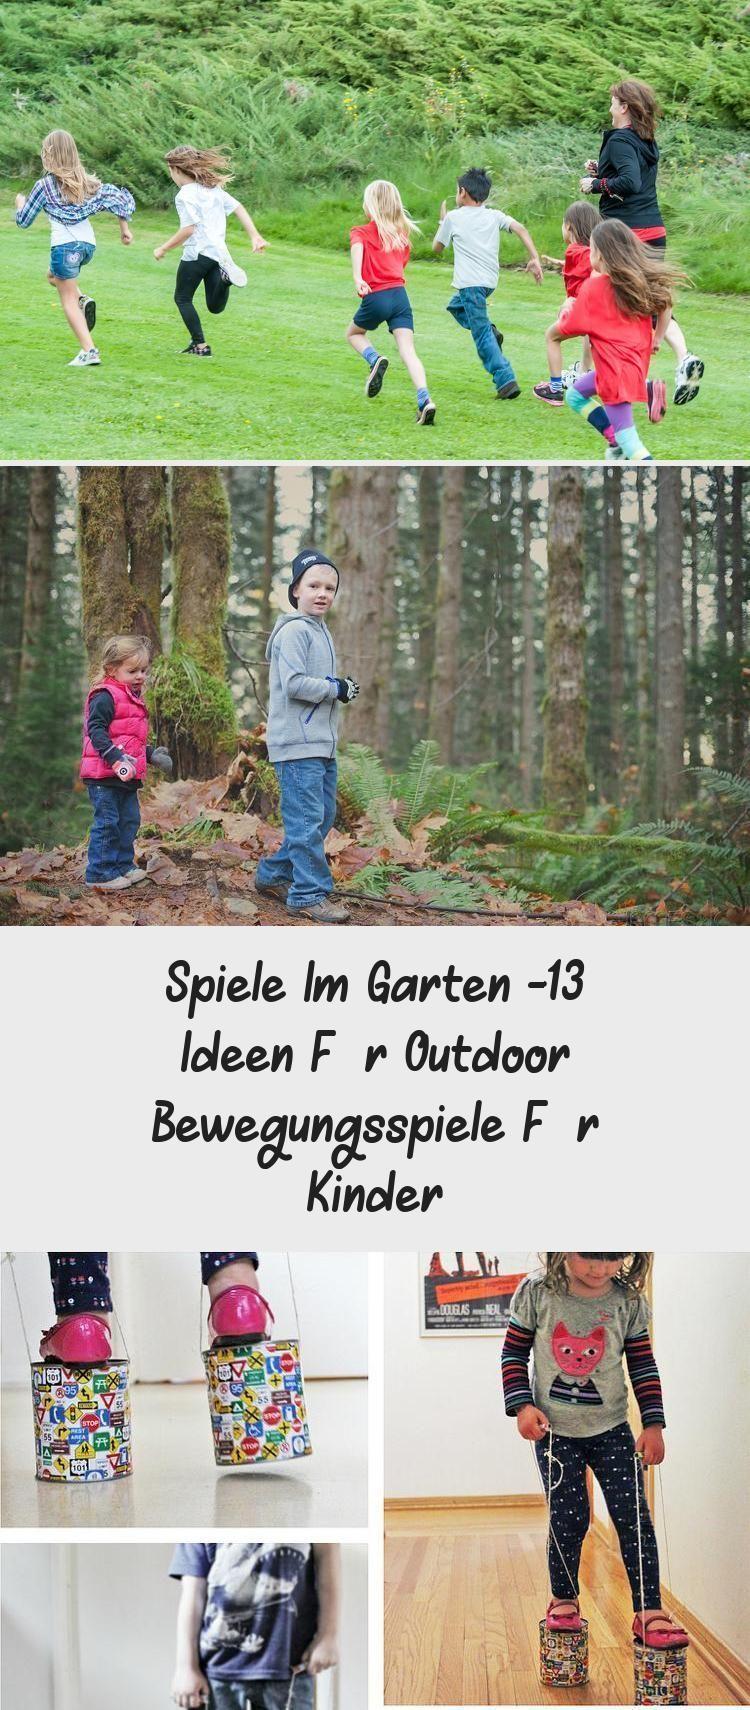 Spelletjes In De Tuin 13 Ideeën Voor Spelletjes Voor Kinderen In De Buitenlucht Sandbox Spiele Im Garten Spiele Für Kinder Outdoor Training